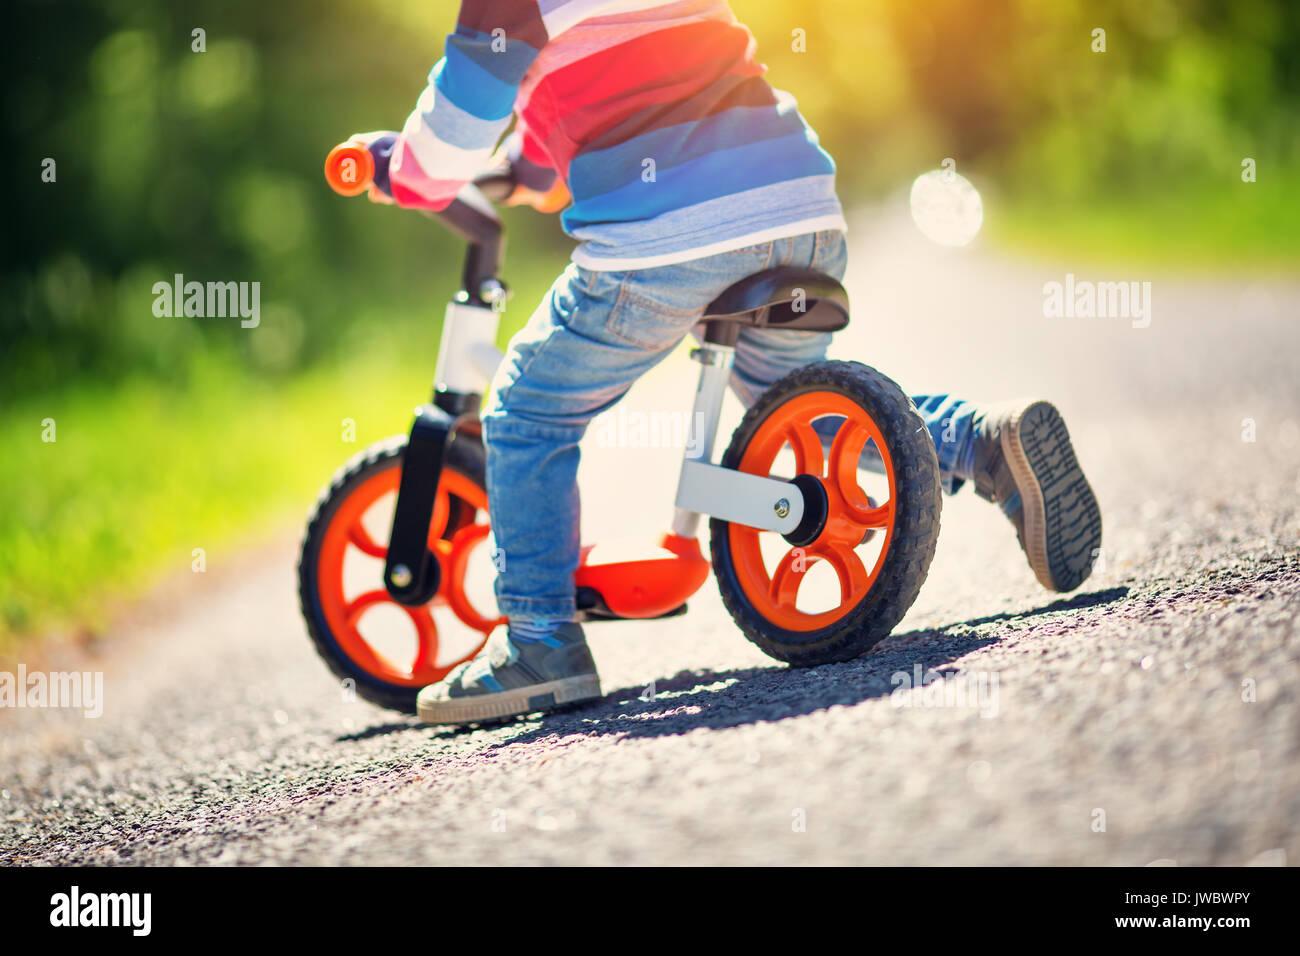 Les enfants sur une bicyclette Photo Stock